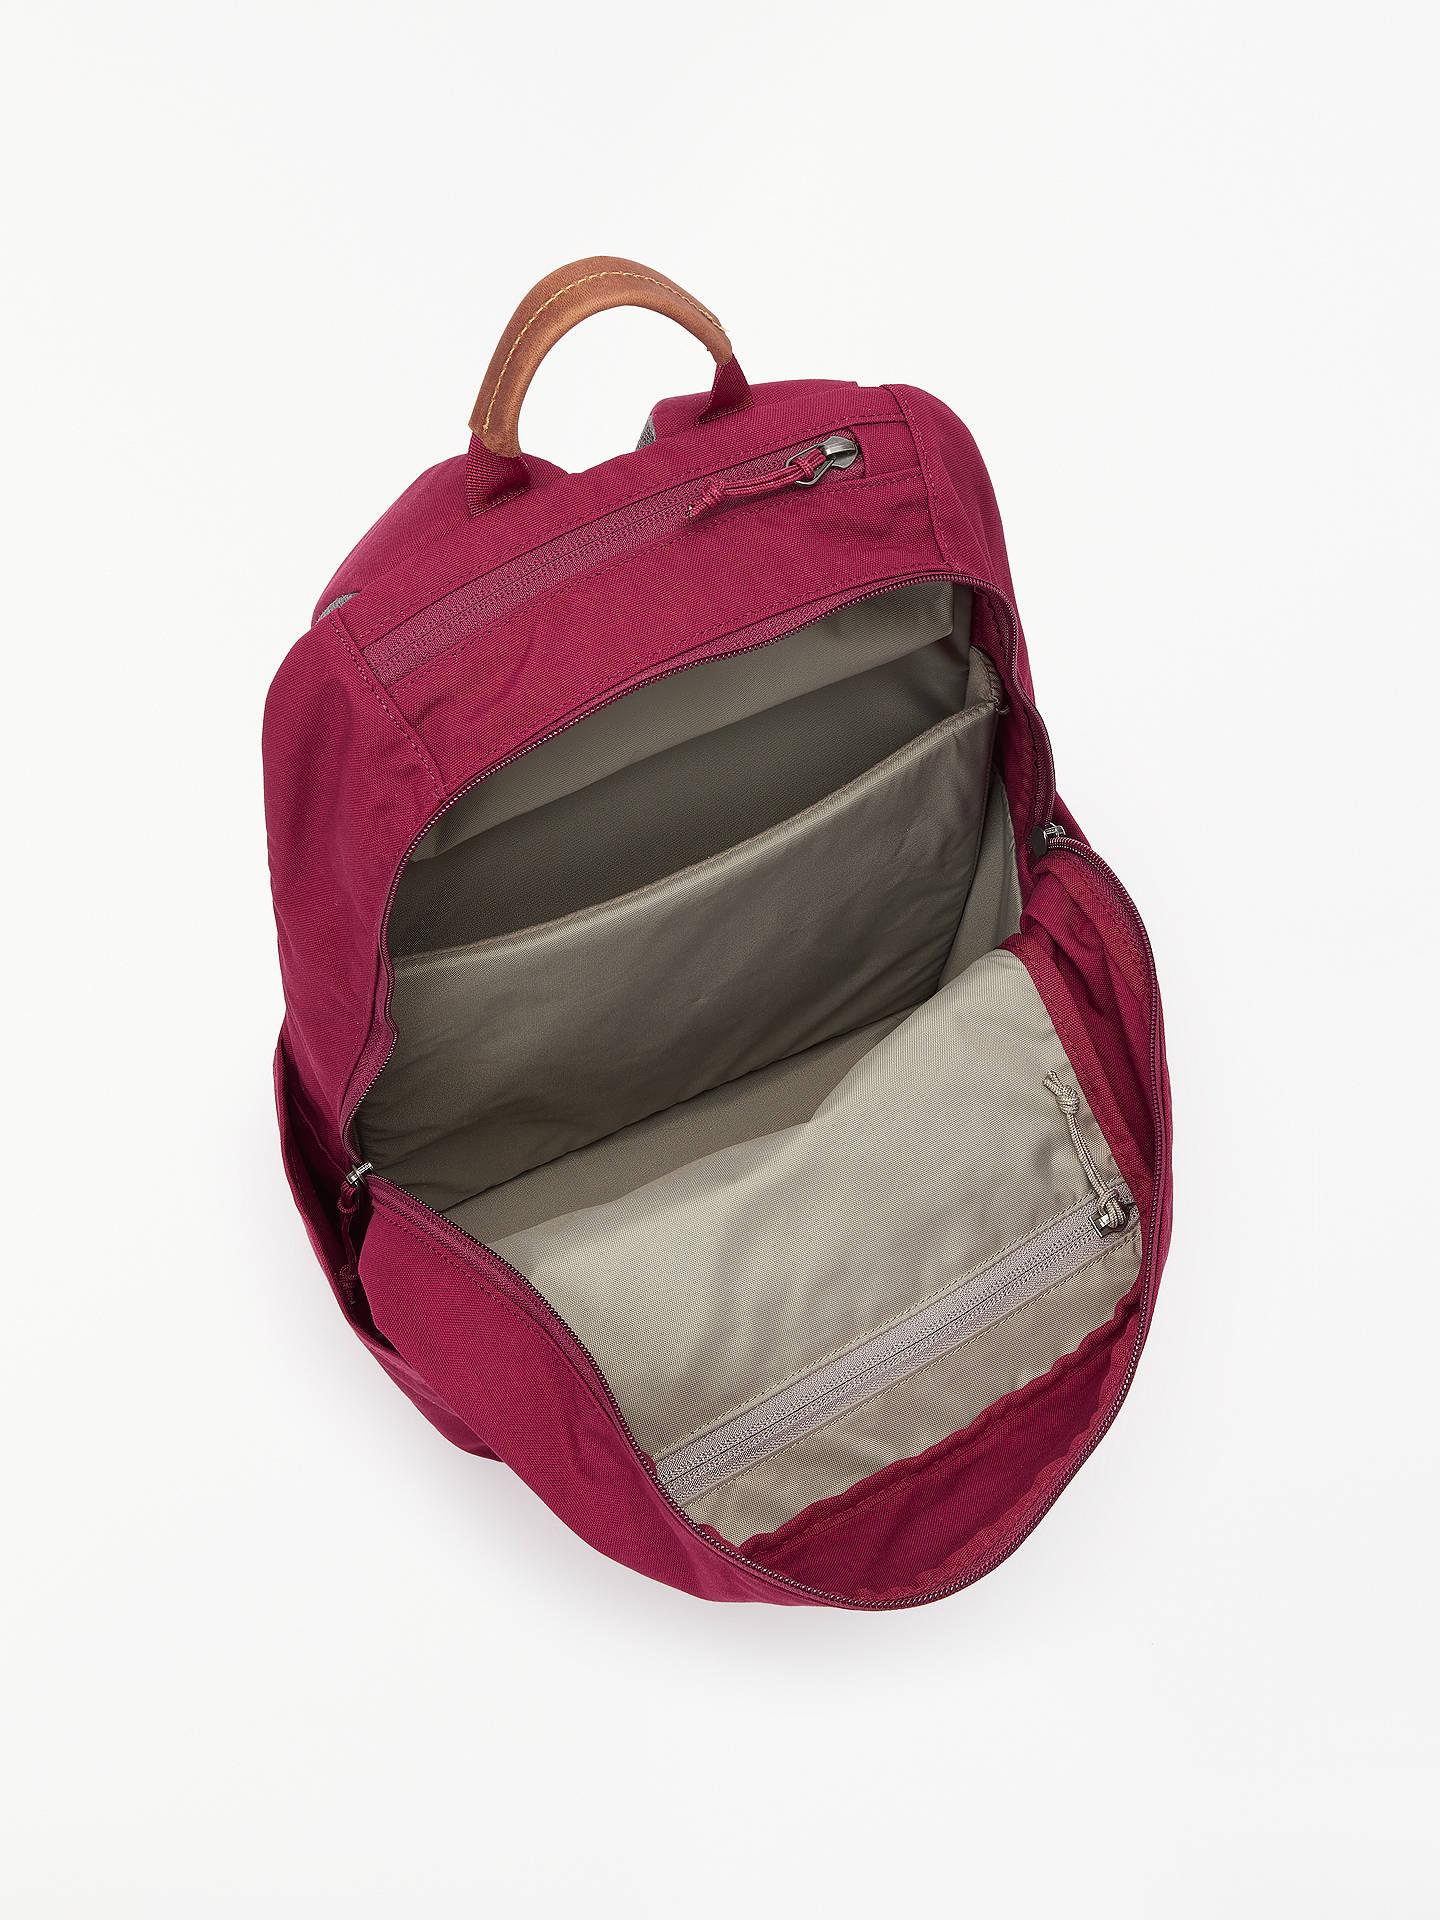 dd1661fa19f84 ... Buy Fjällräven Raven 20L Backpack